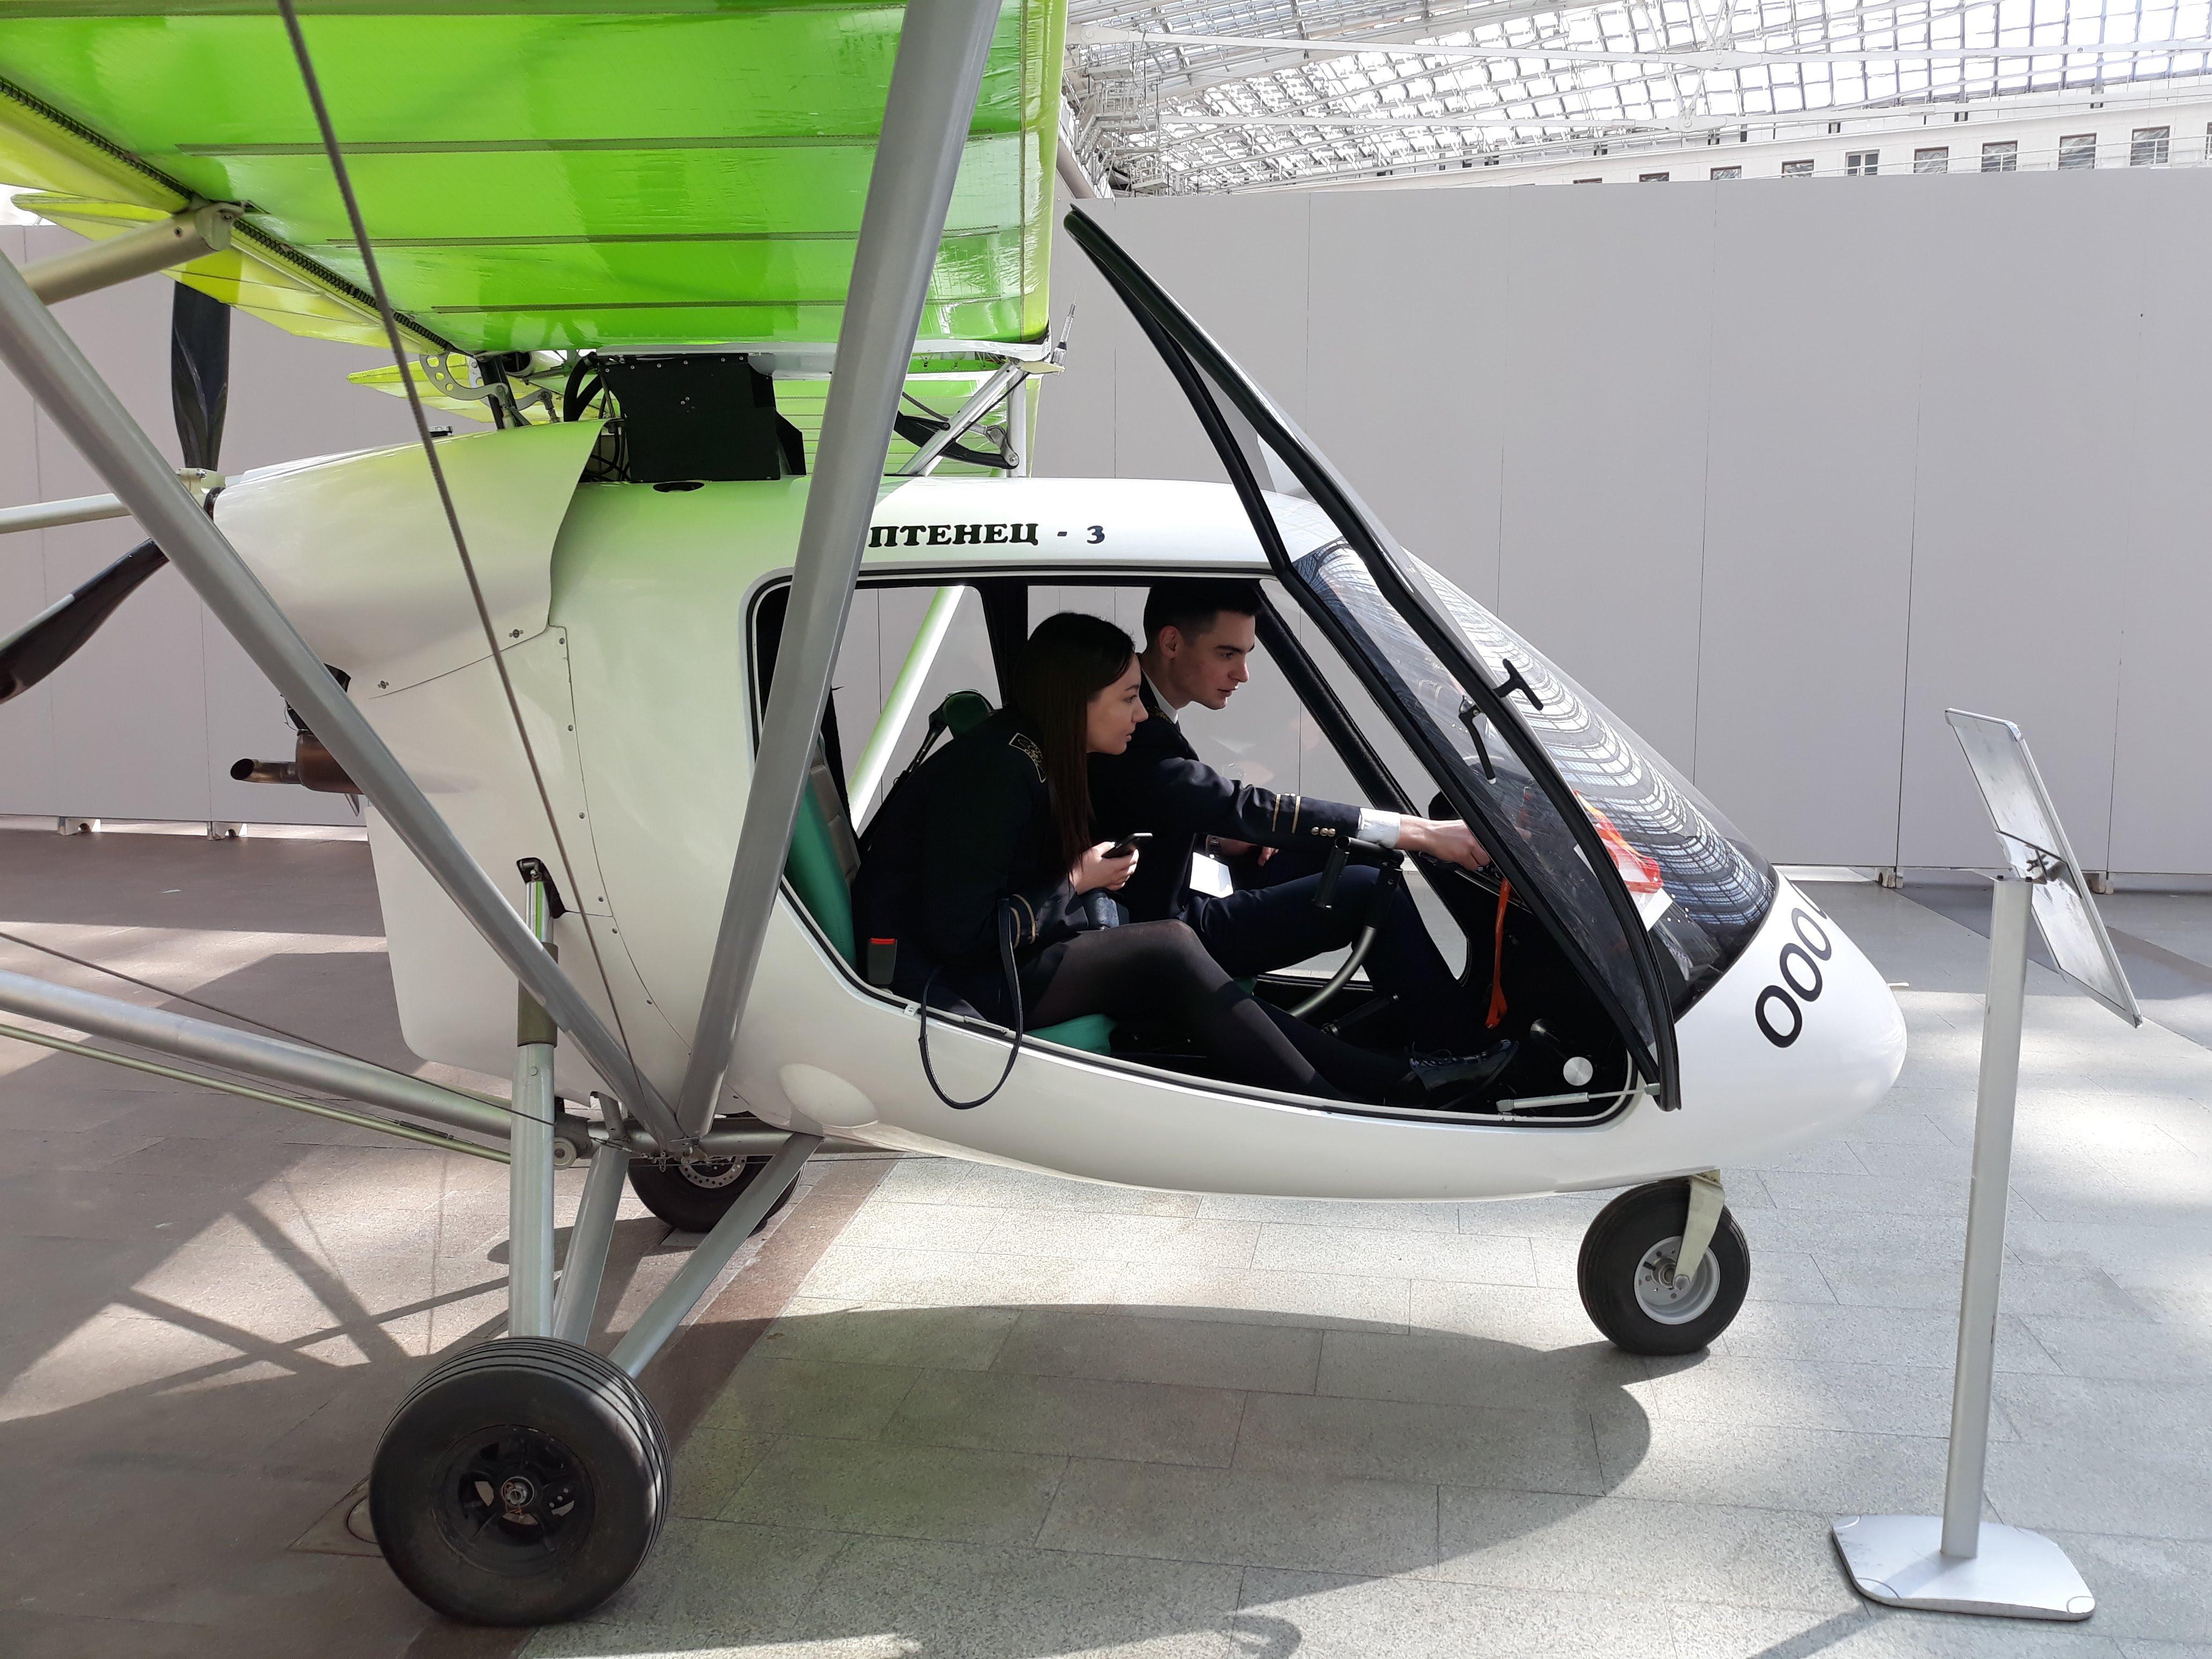 Будущие пилоты Птенца-3